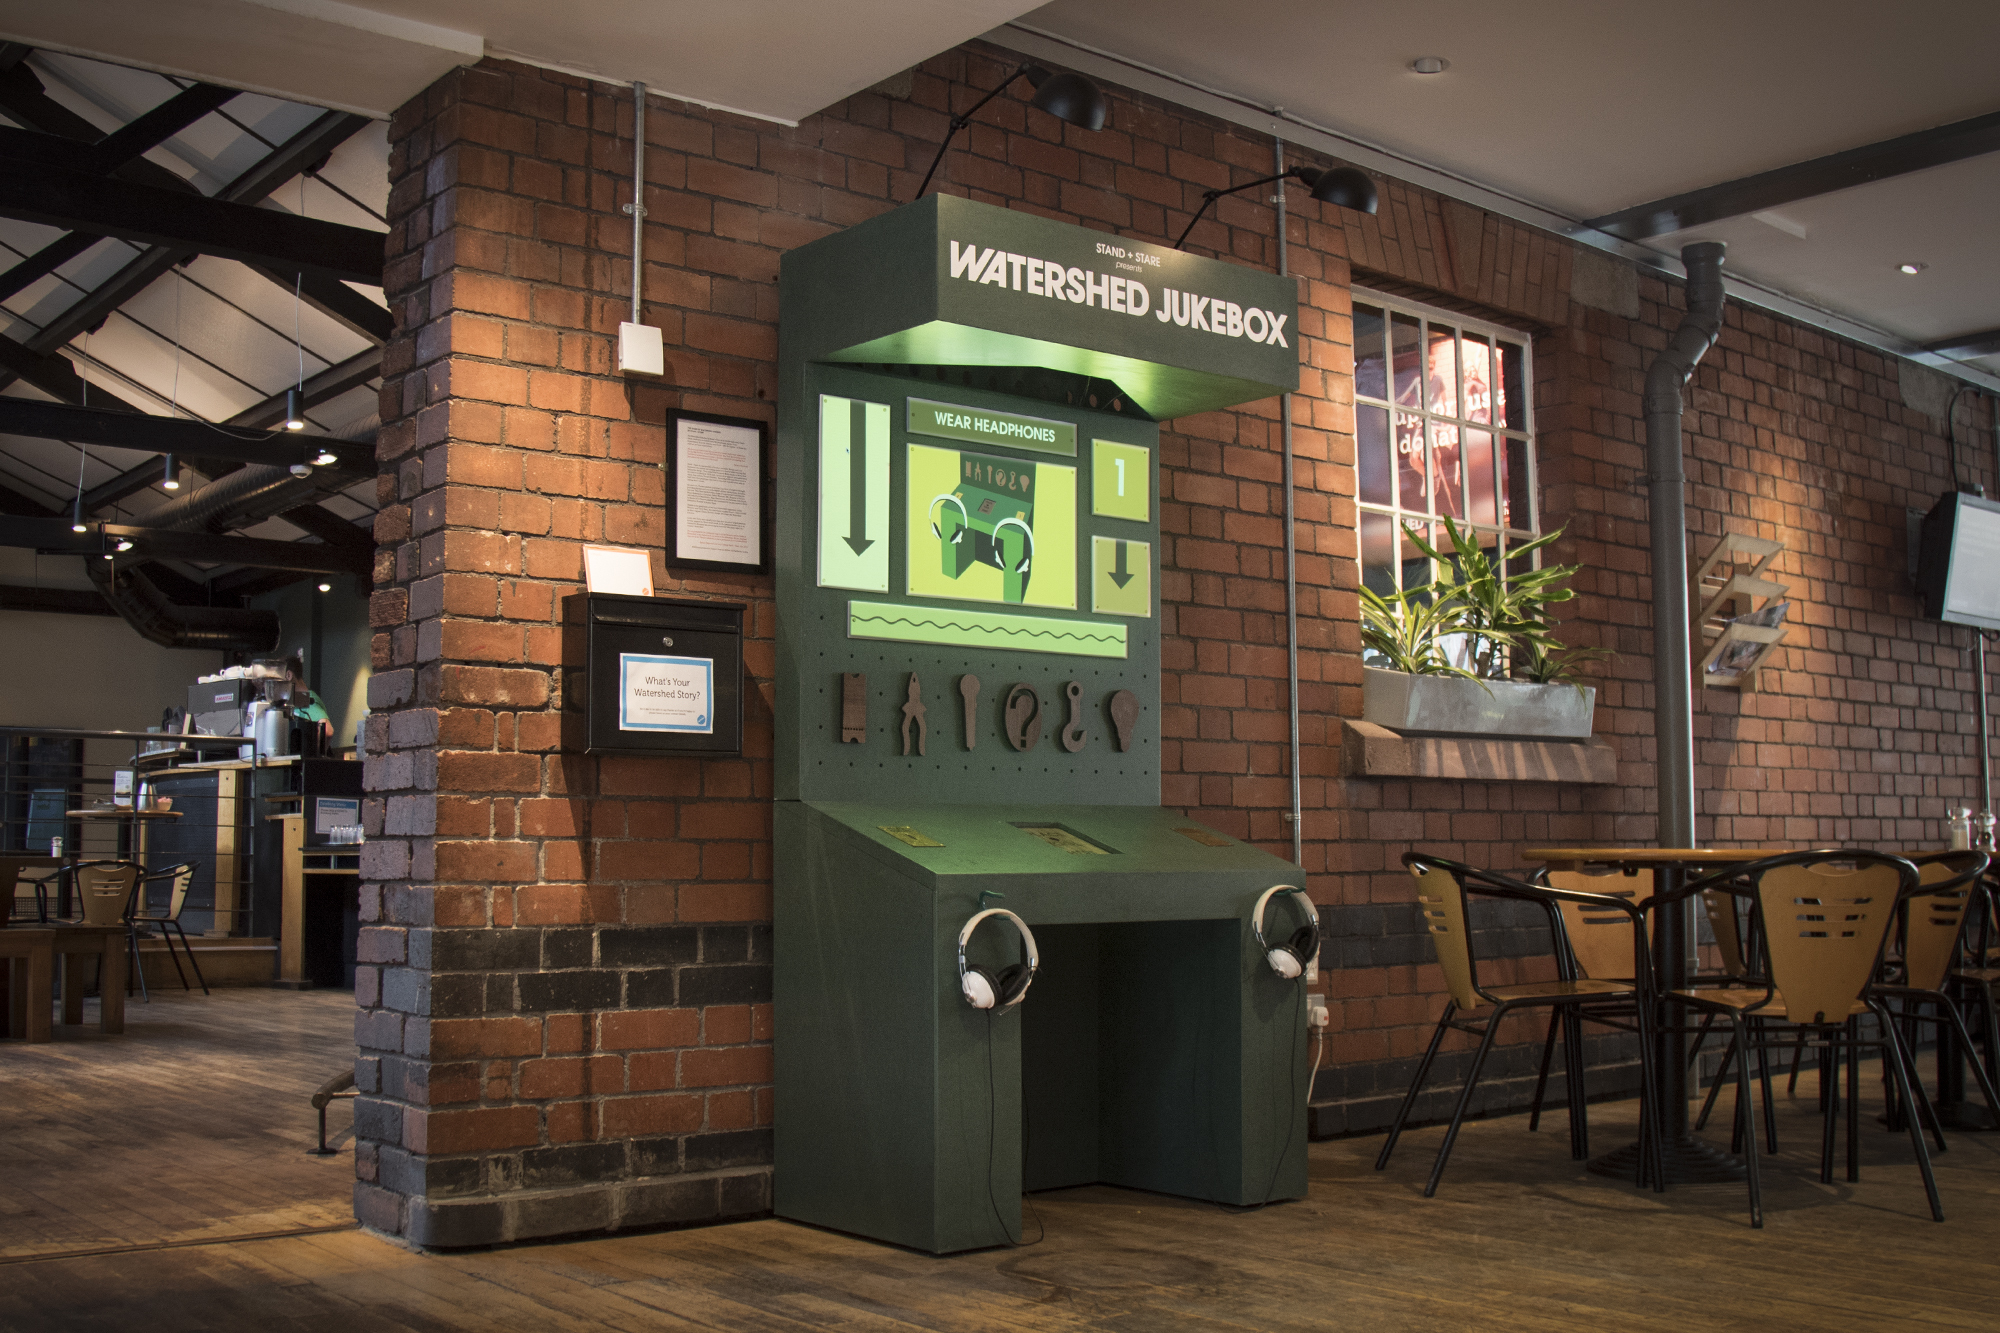 Watershed-jukebox.jpg